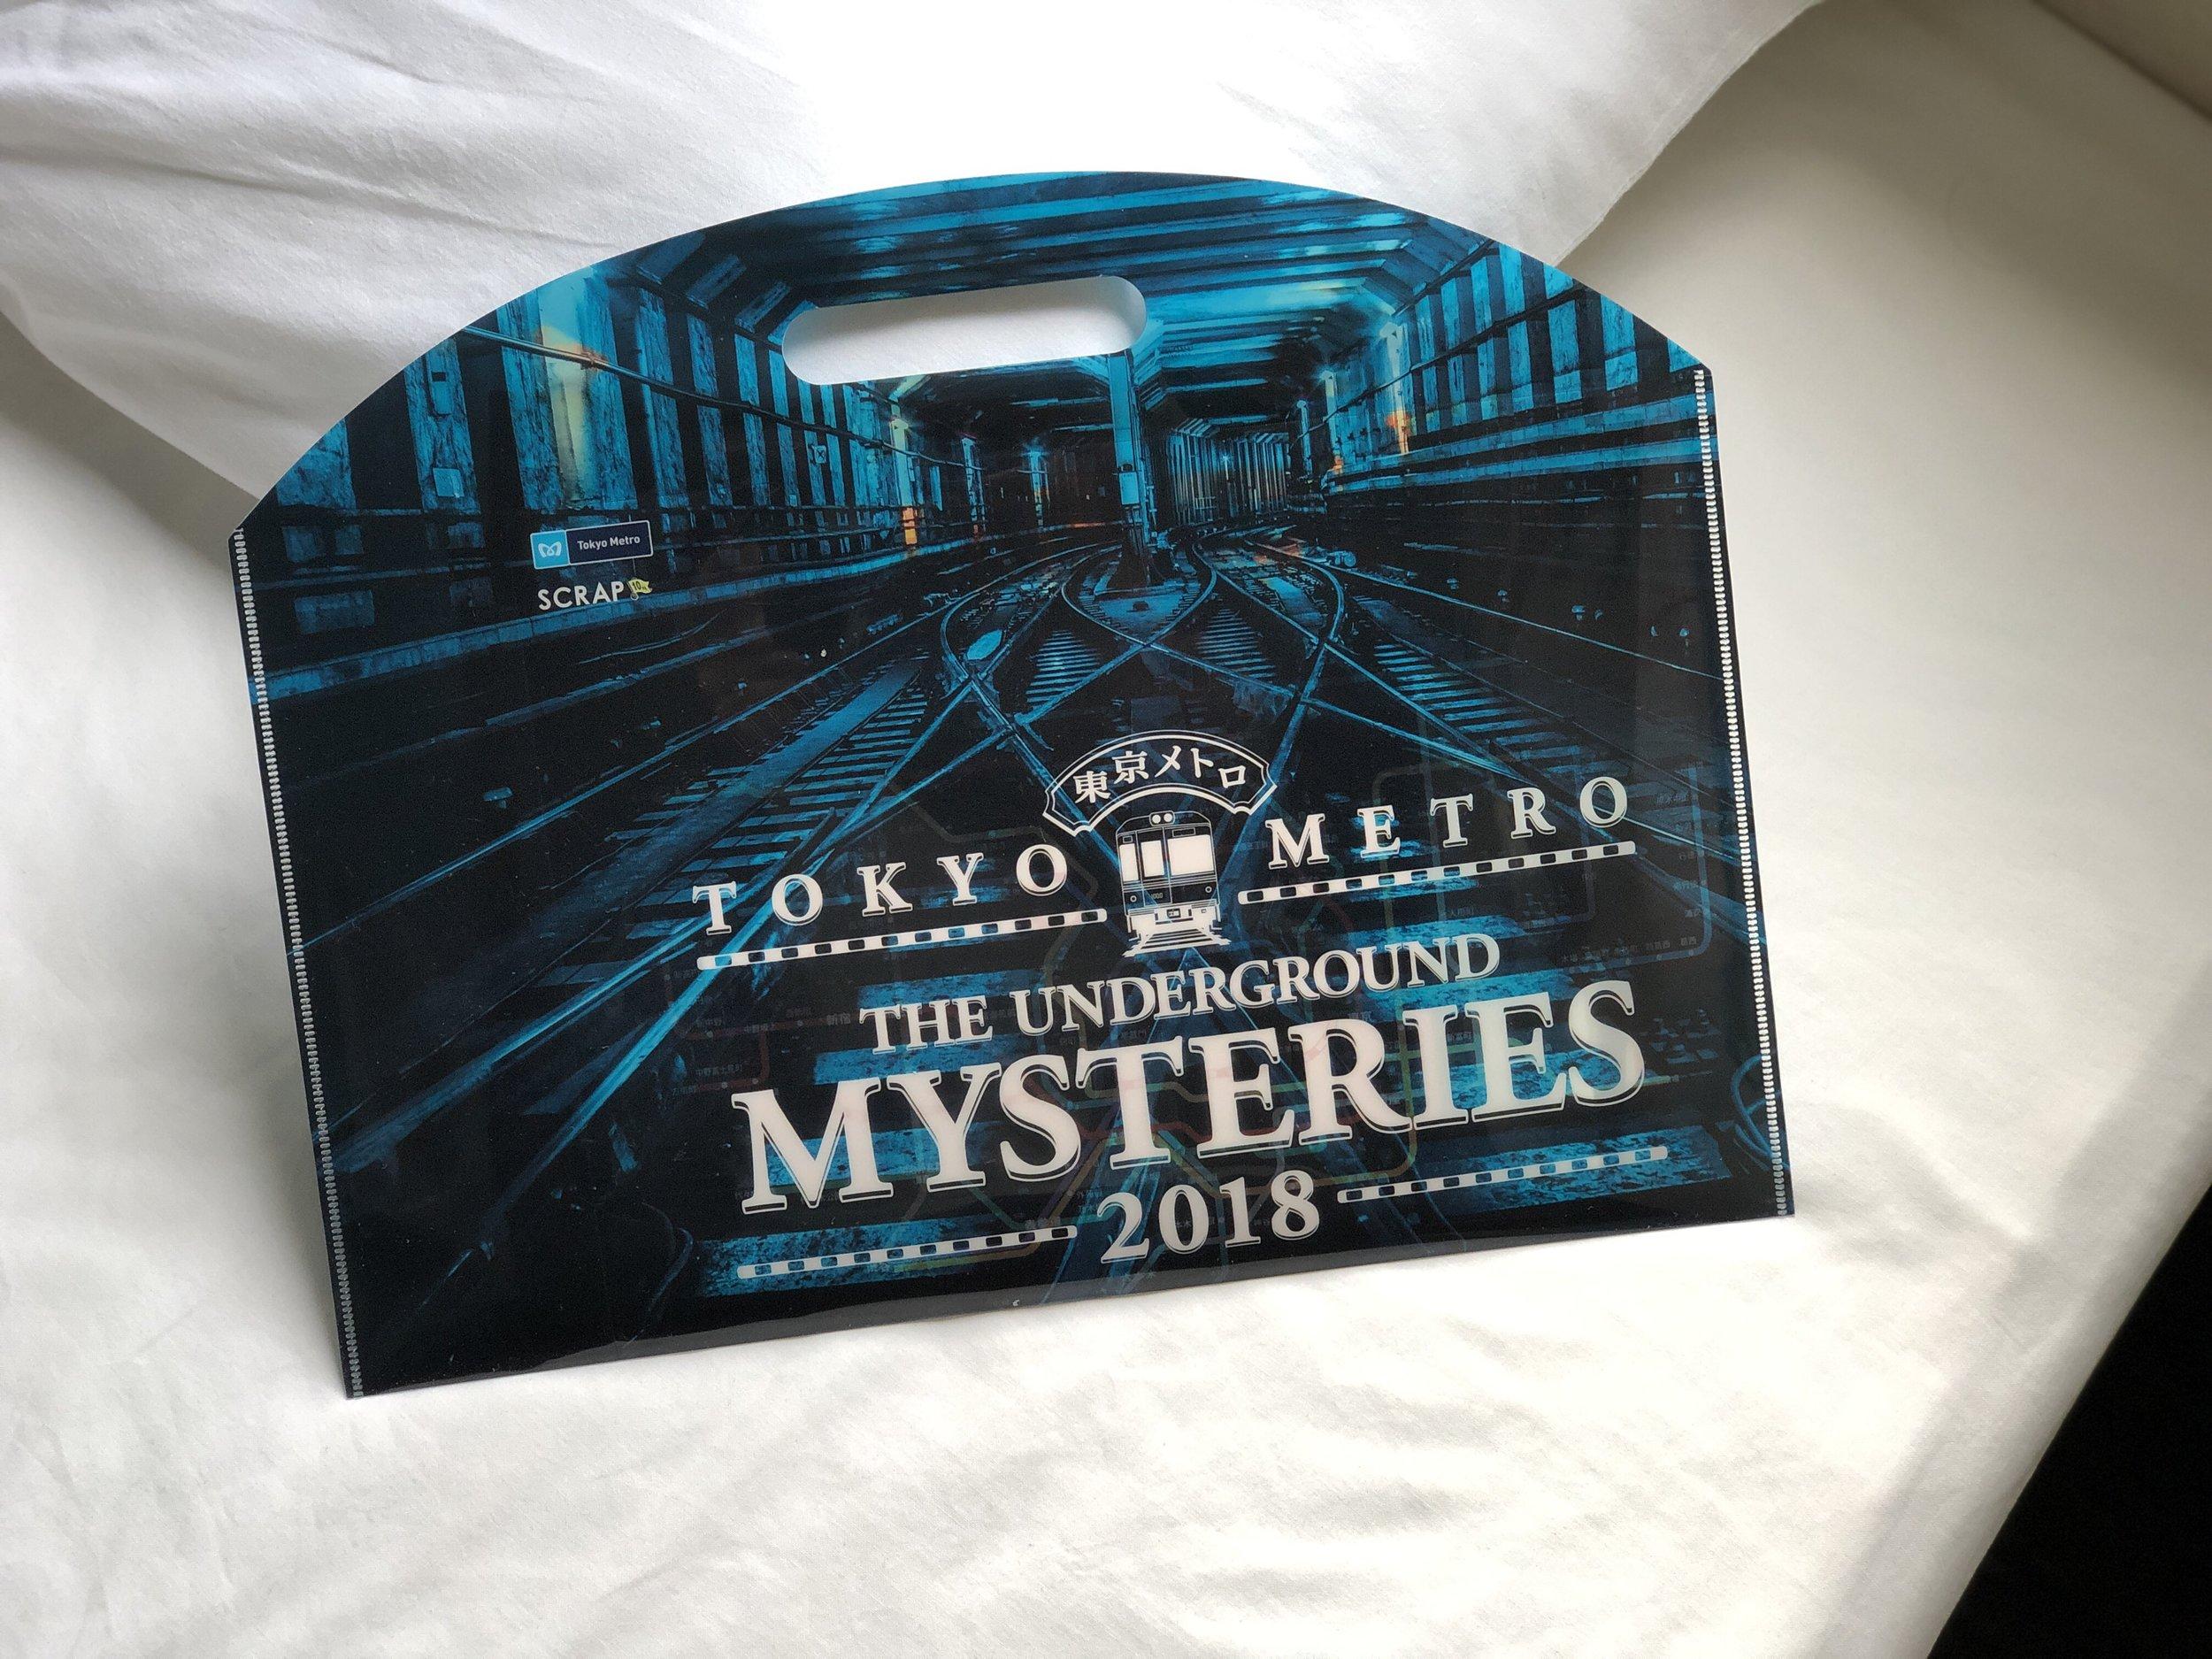 「地下謎への招待狀」遊戲附送的袋子,內有信封、資料咭、遊戲導覽小冊子、筆等。